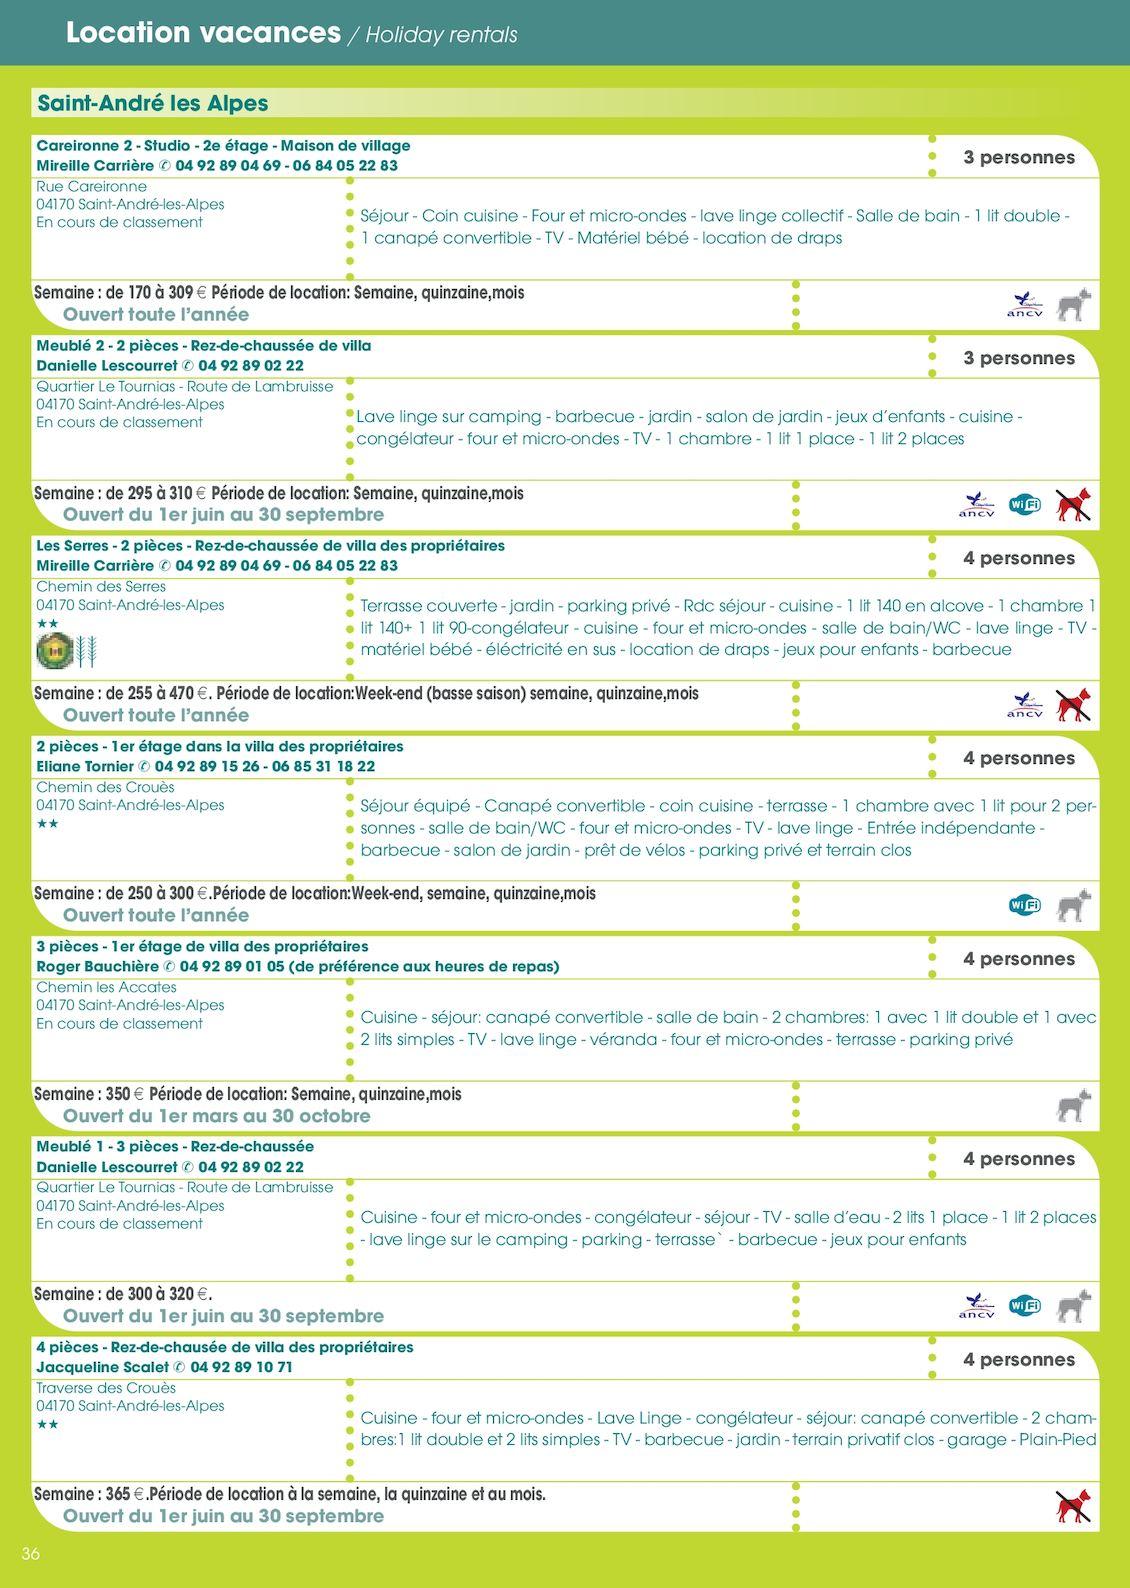 Guide Touristique 2017 Calameo Downloader